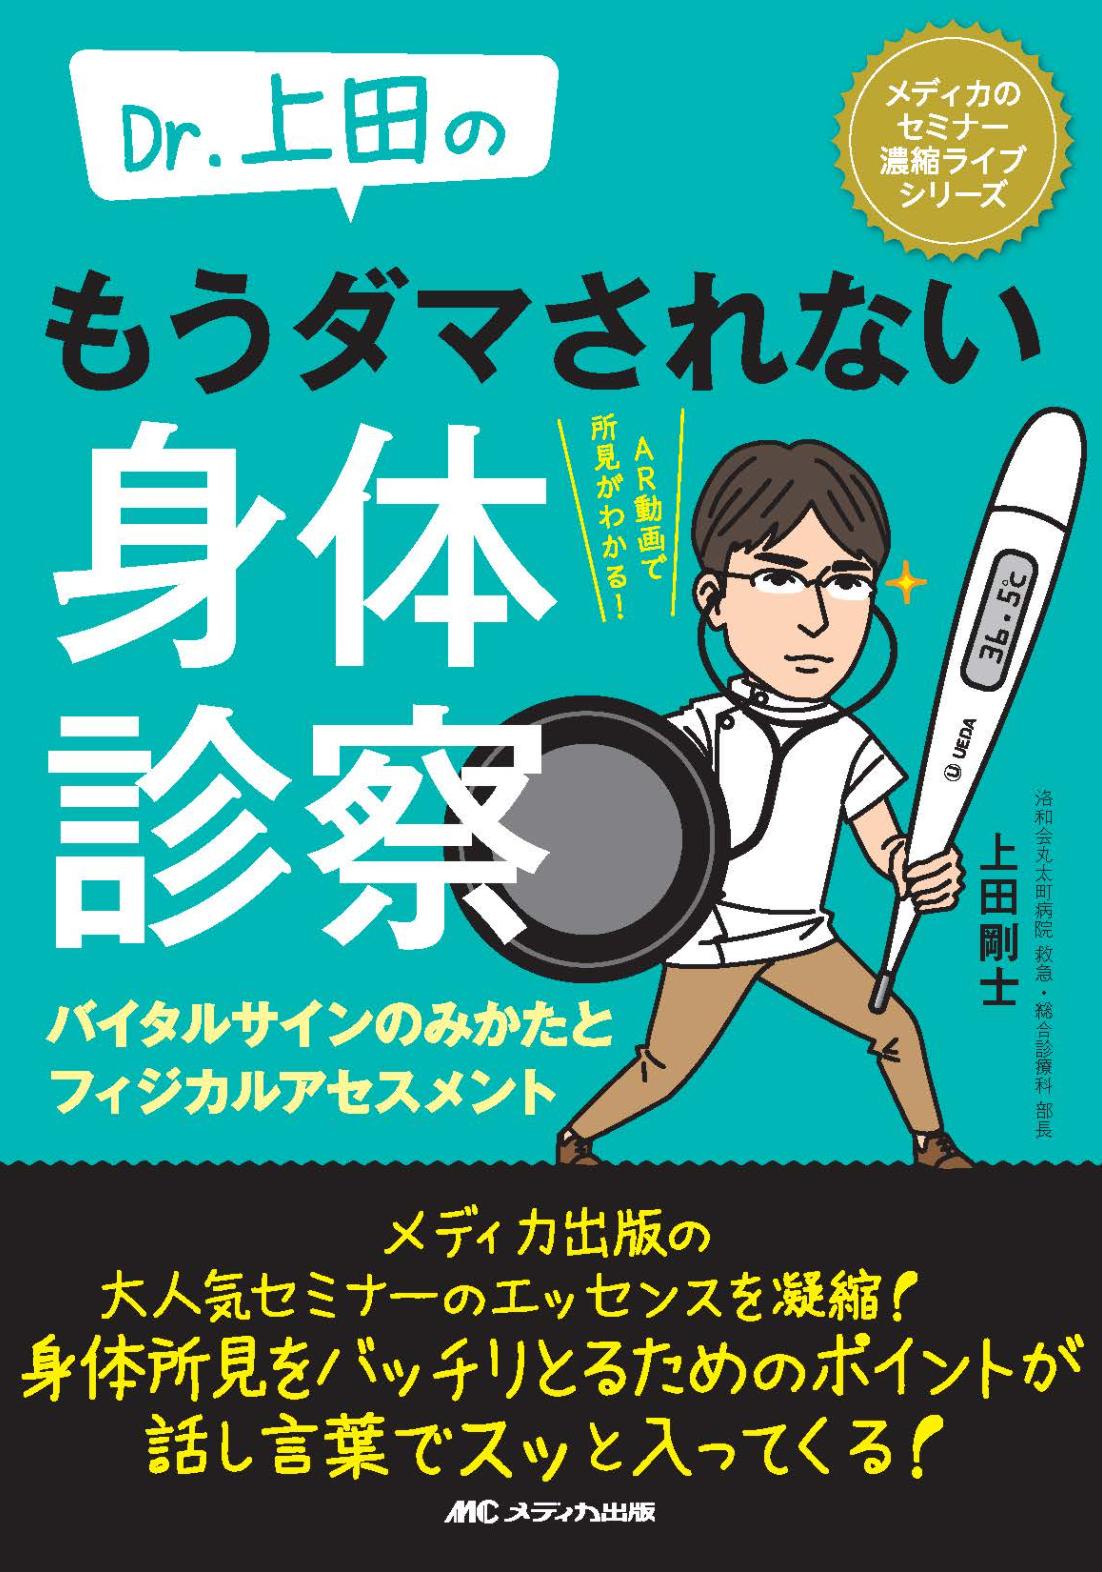 Dr.上田の もうダマされない身体診察 バイタルサインのみかたとフィジカルアセスメント AR動画で所見がわかる!